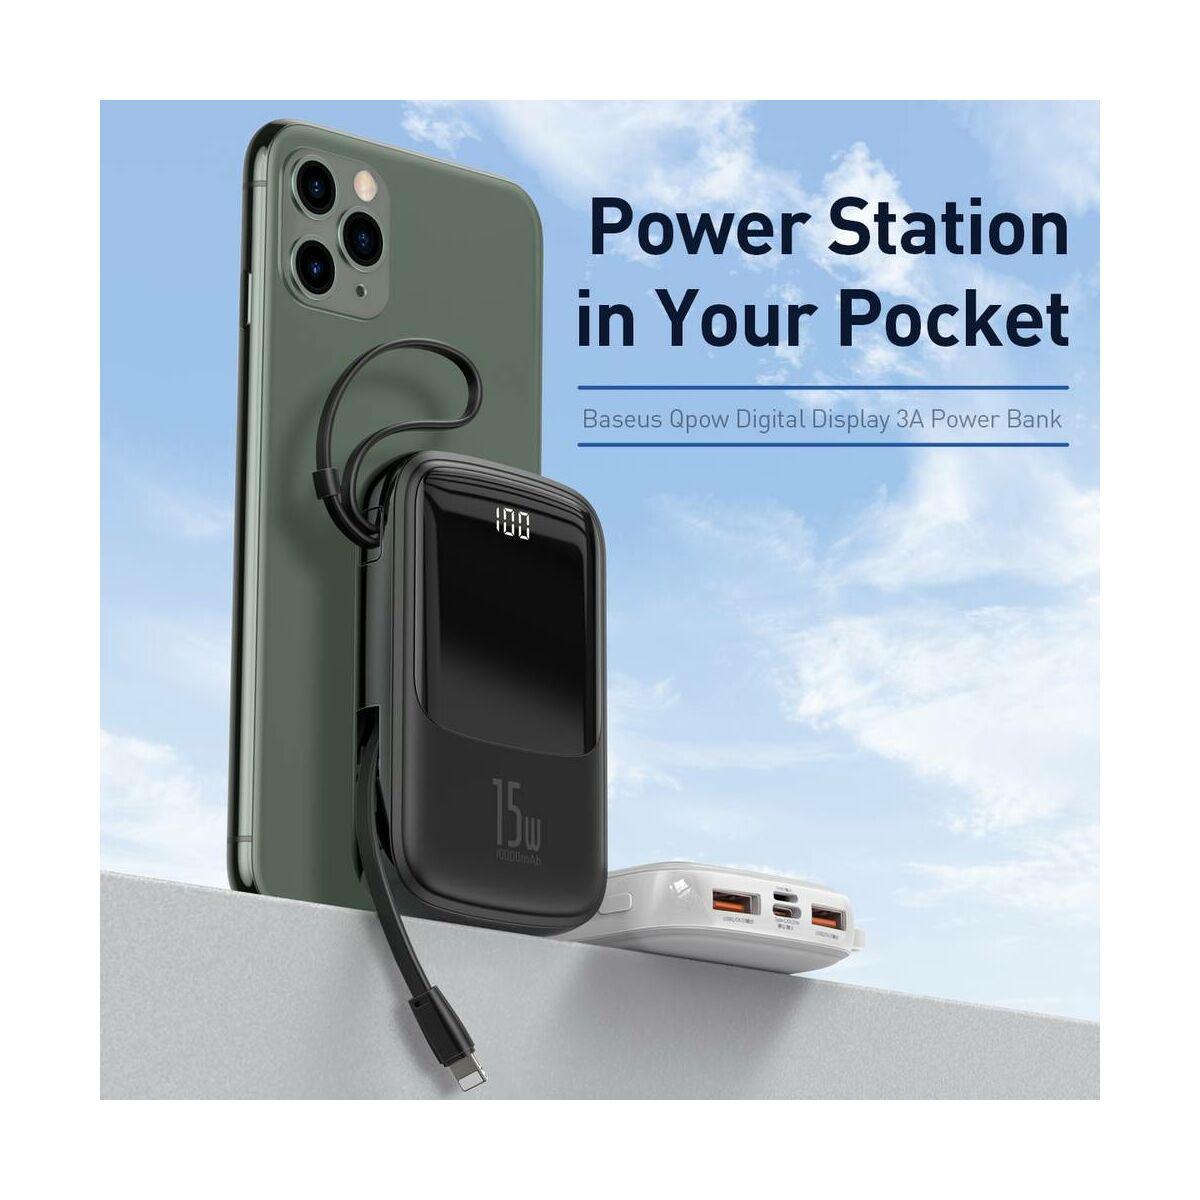 Baseus Power Bank Q pow Digitális kijelző (ajándék Type-C kábellel) 3A, 10000 mAh, fehér (PPQD-A02)